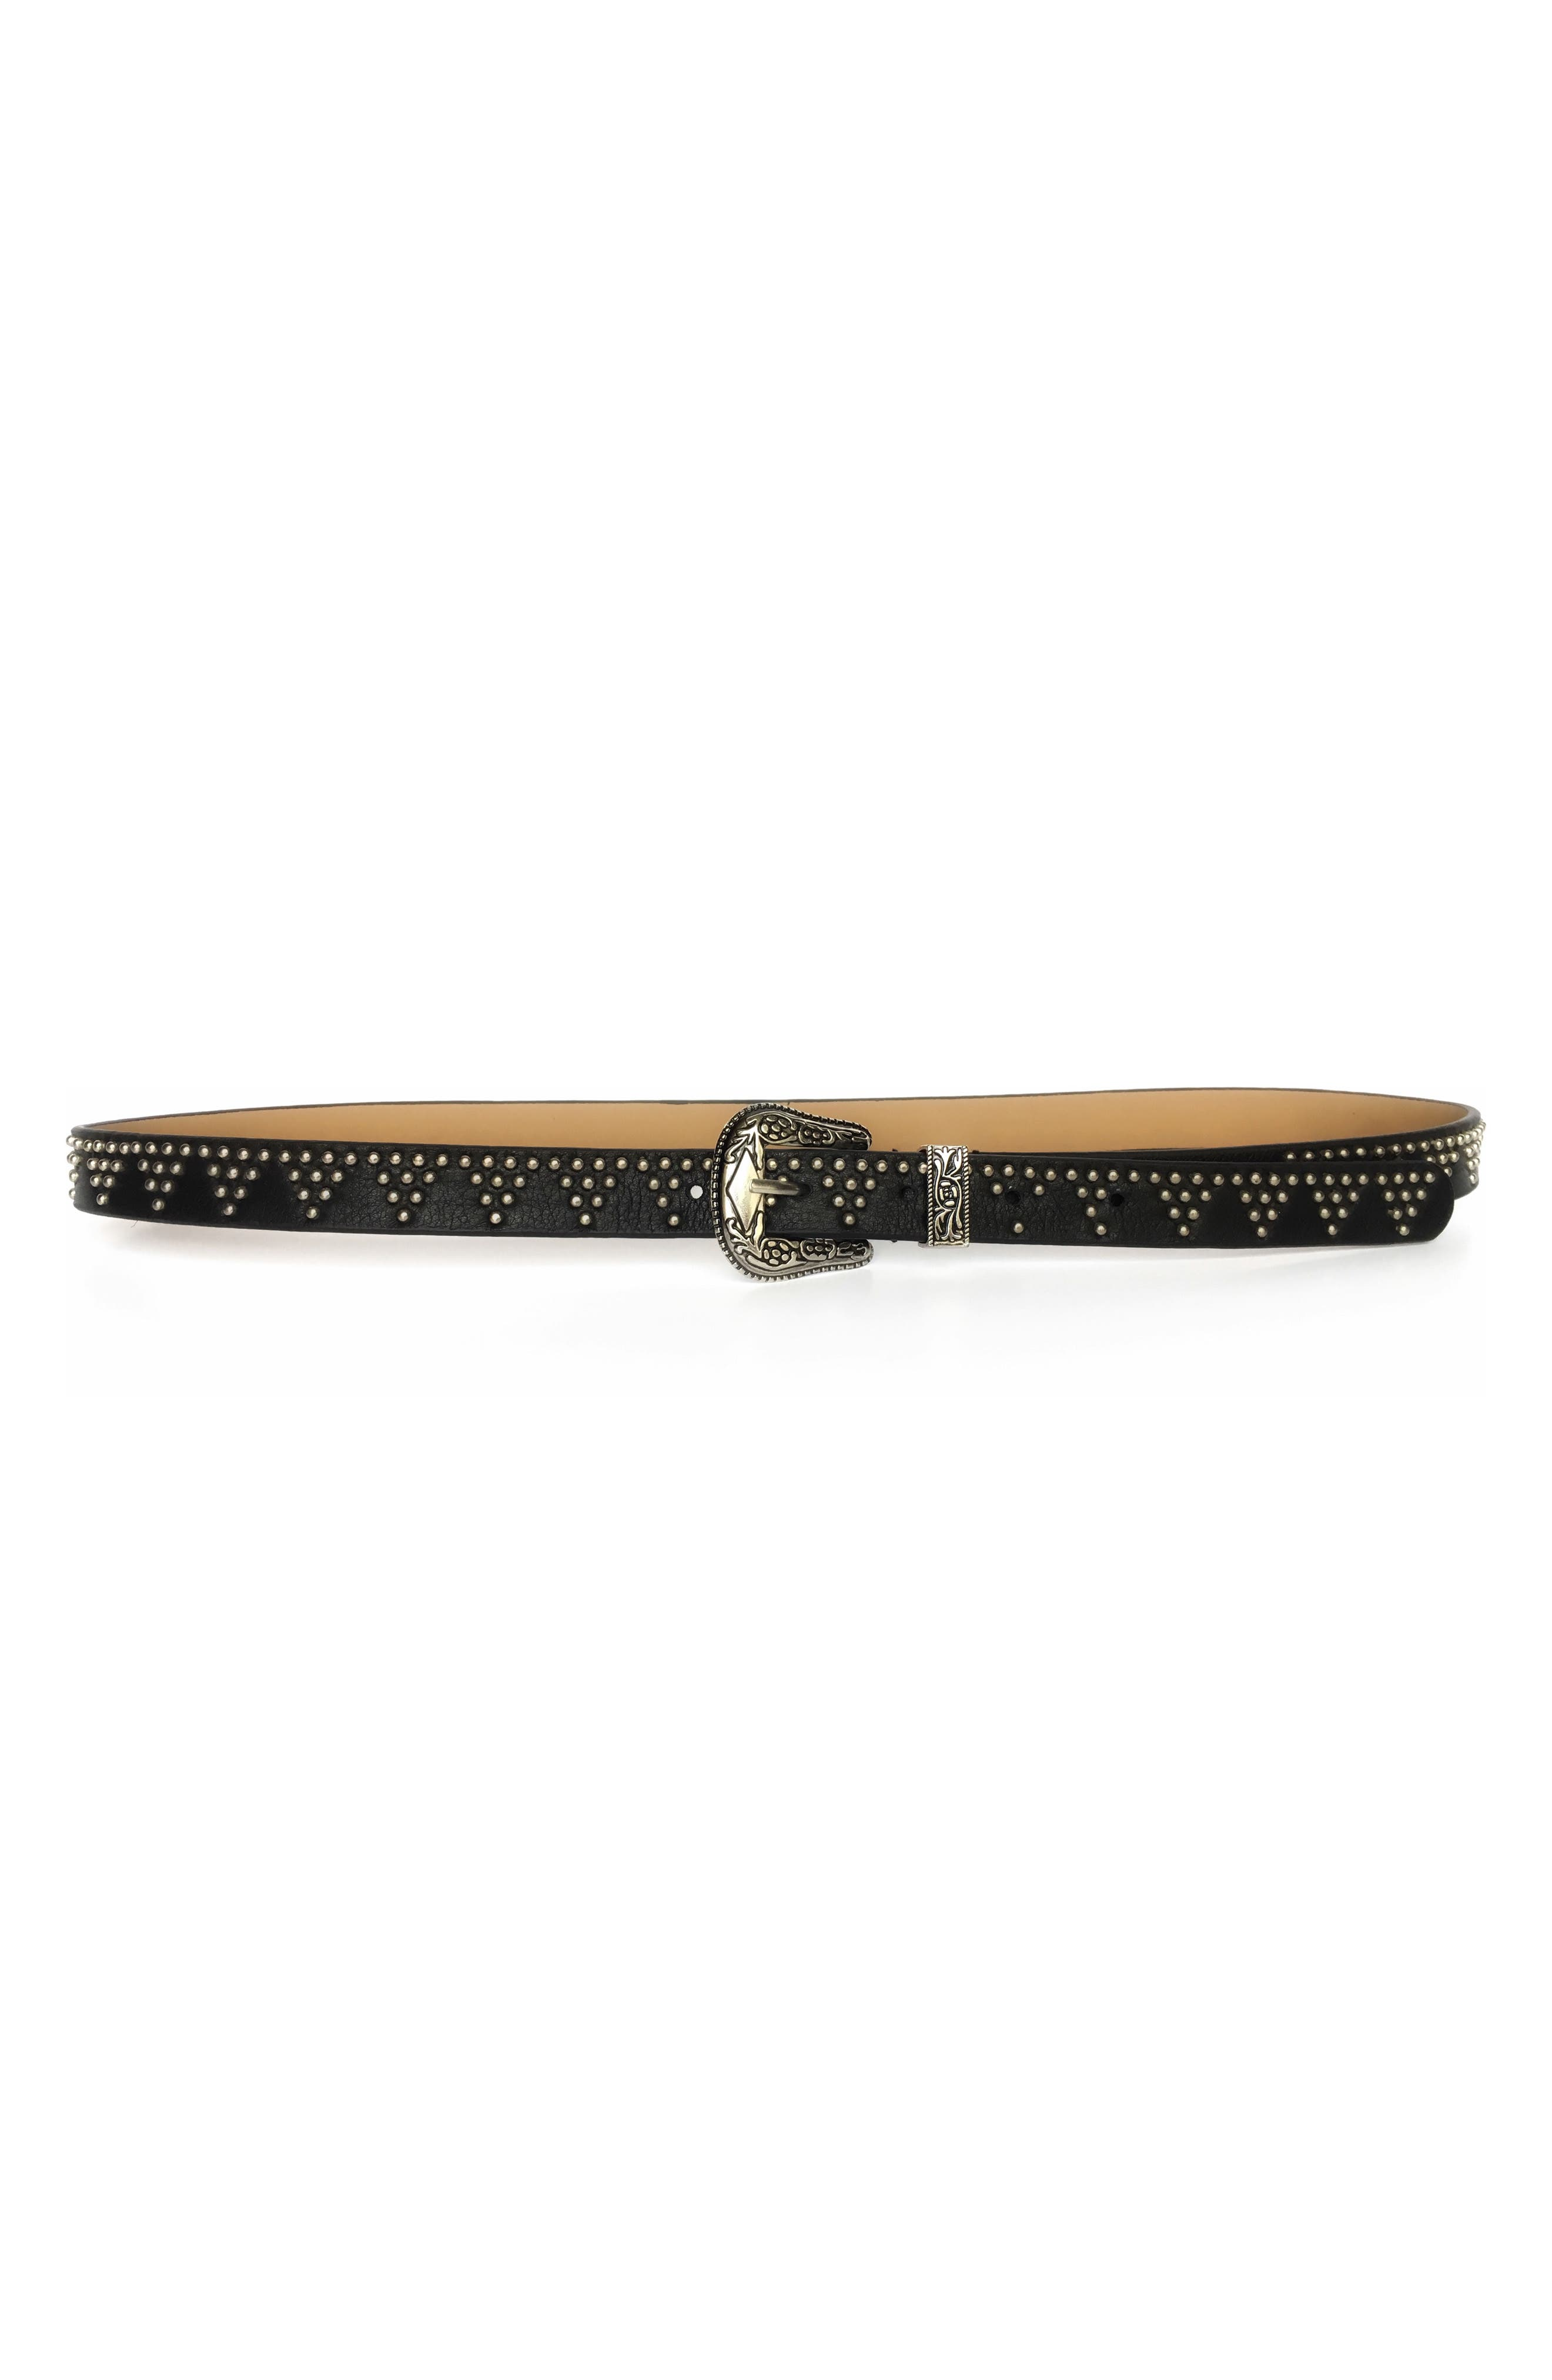 Pilar Belt,                         Main,                         color, Black